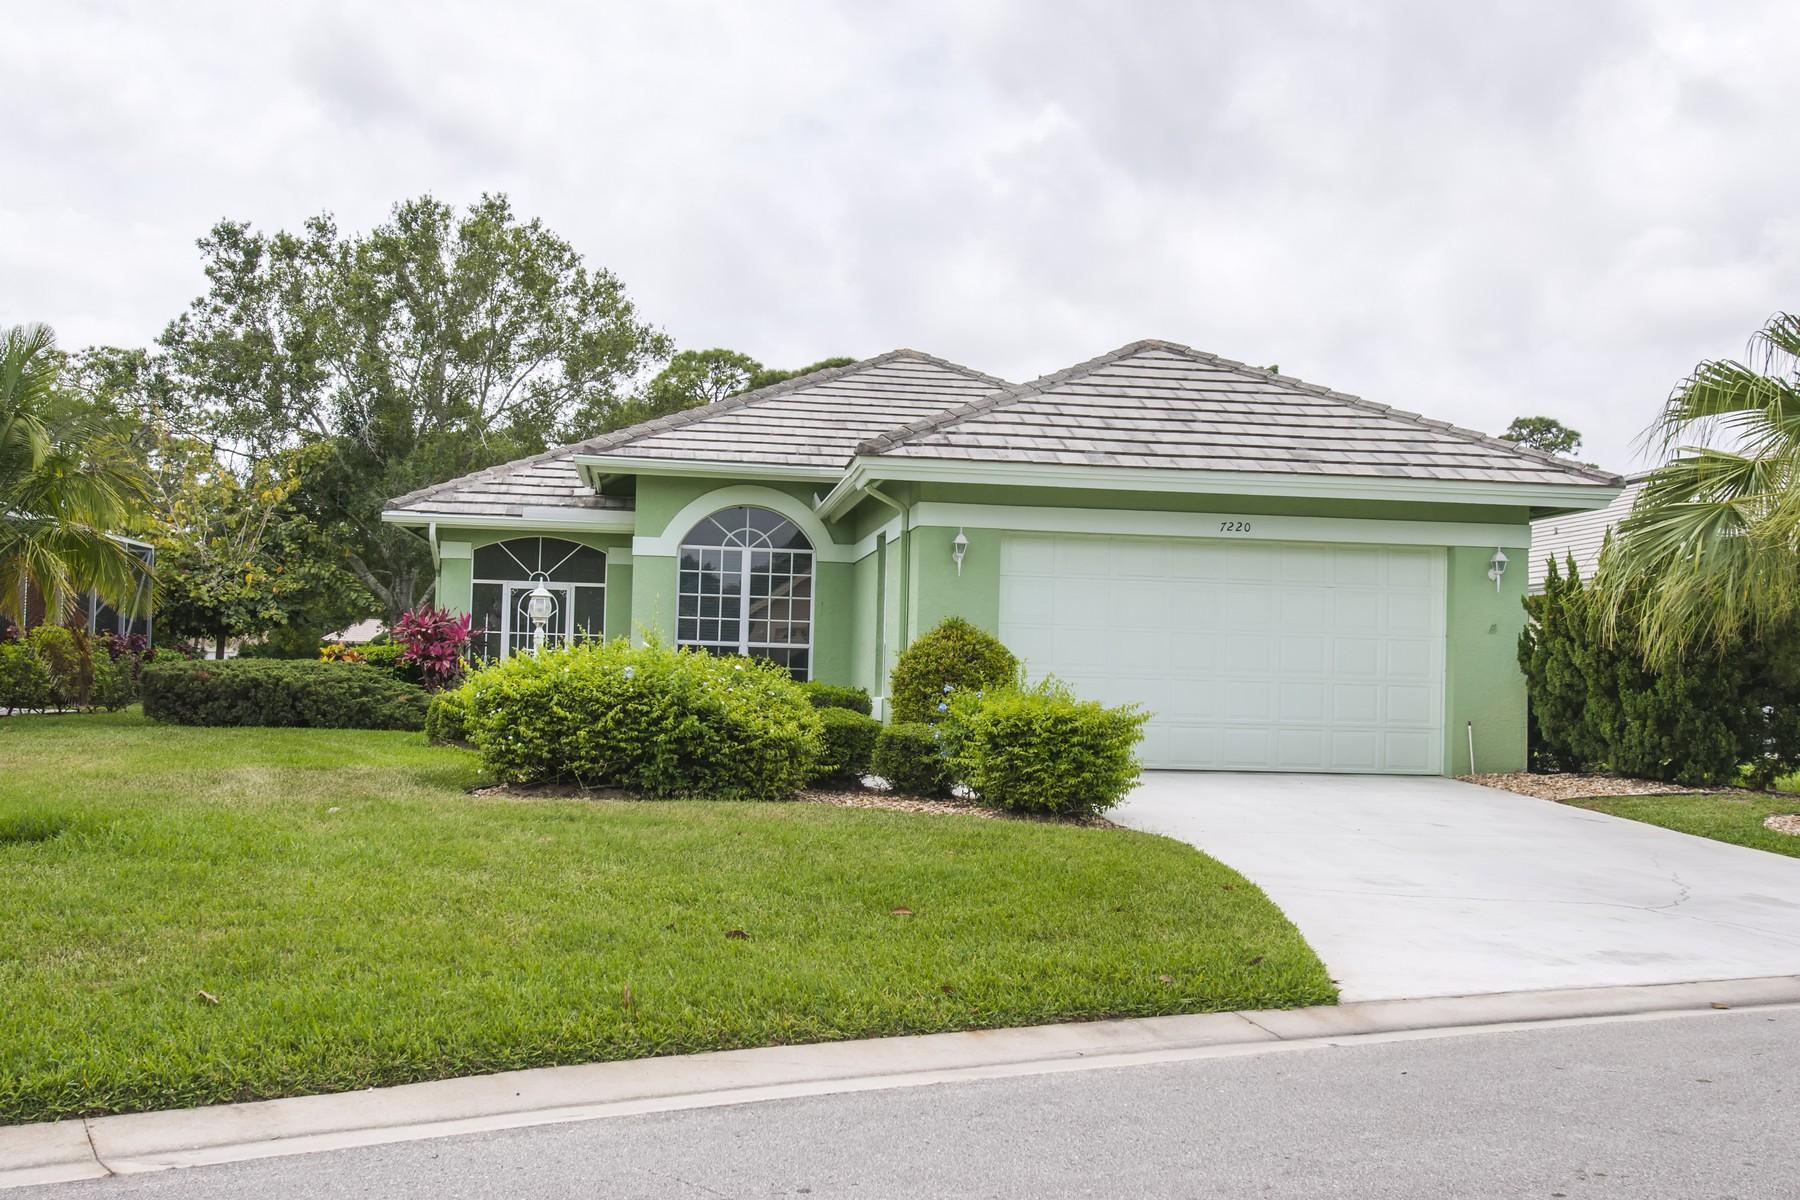 Einfamilienhaus für Verkauf beim Private Setting with Lake and Preserve Views 7220 Marsh Terrace Port St. Lucie, Florida 34986 Vereinigte Staaten